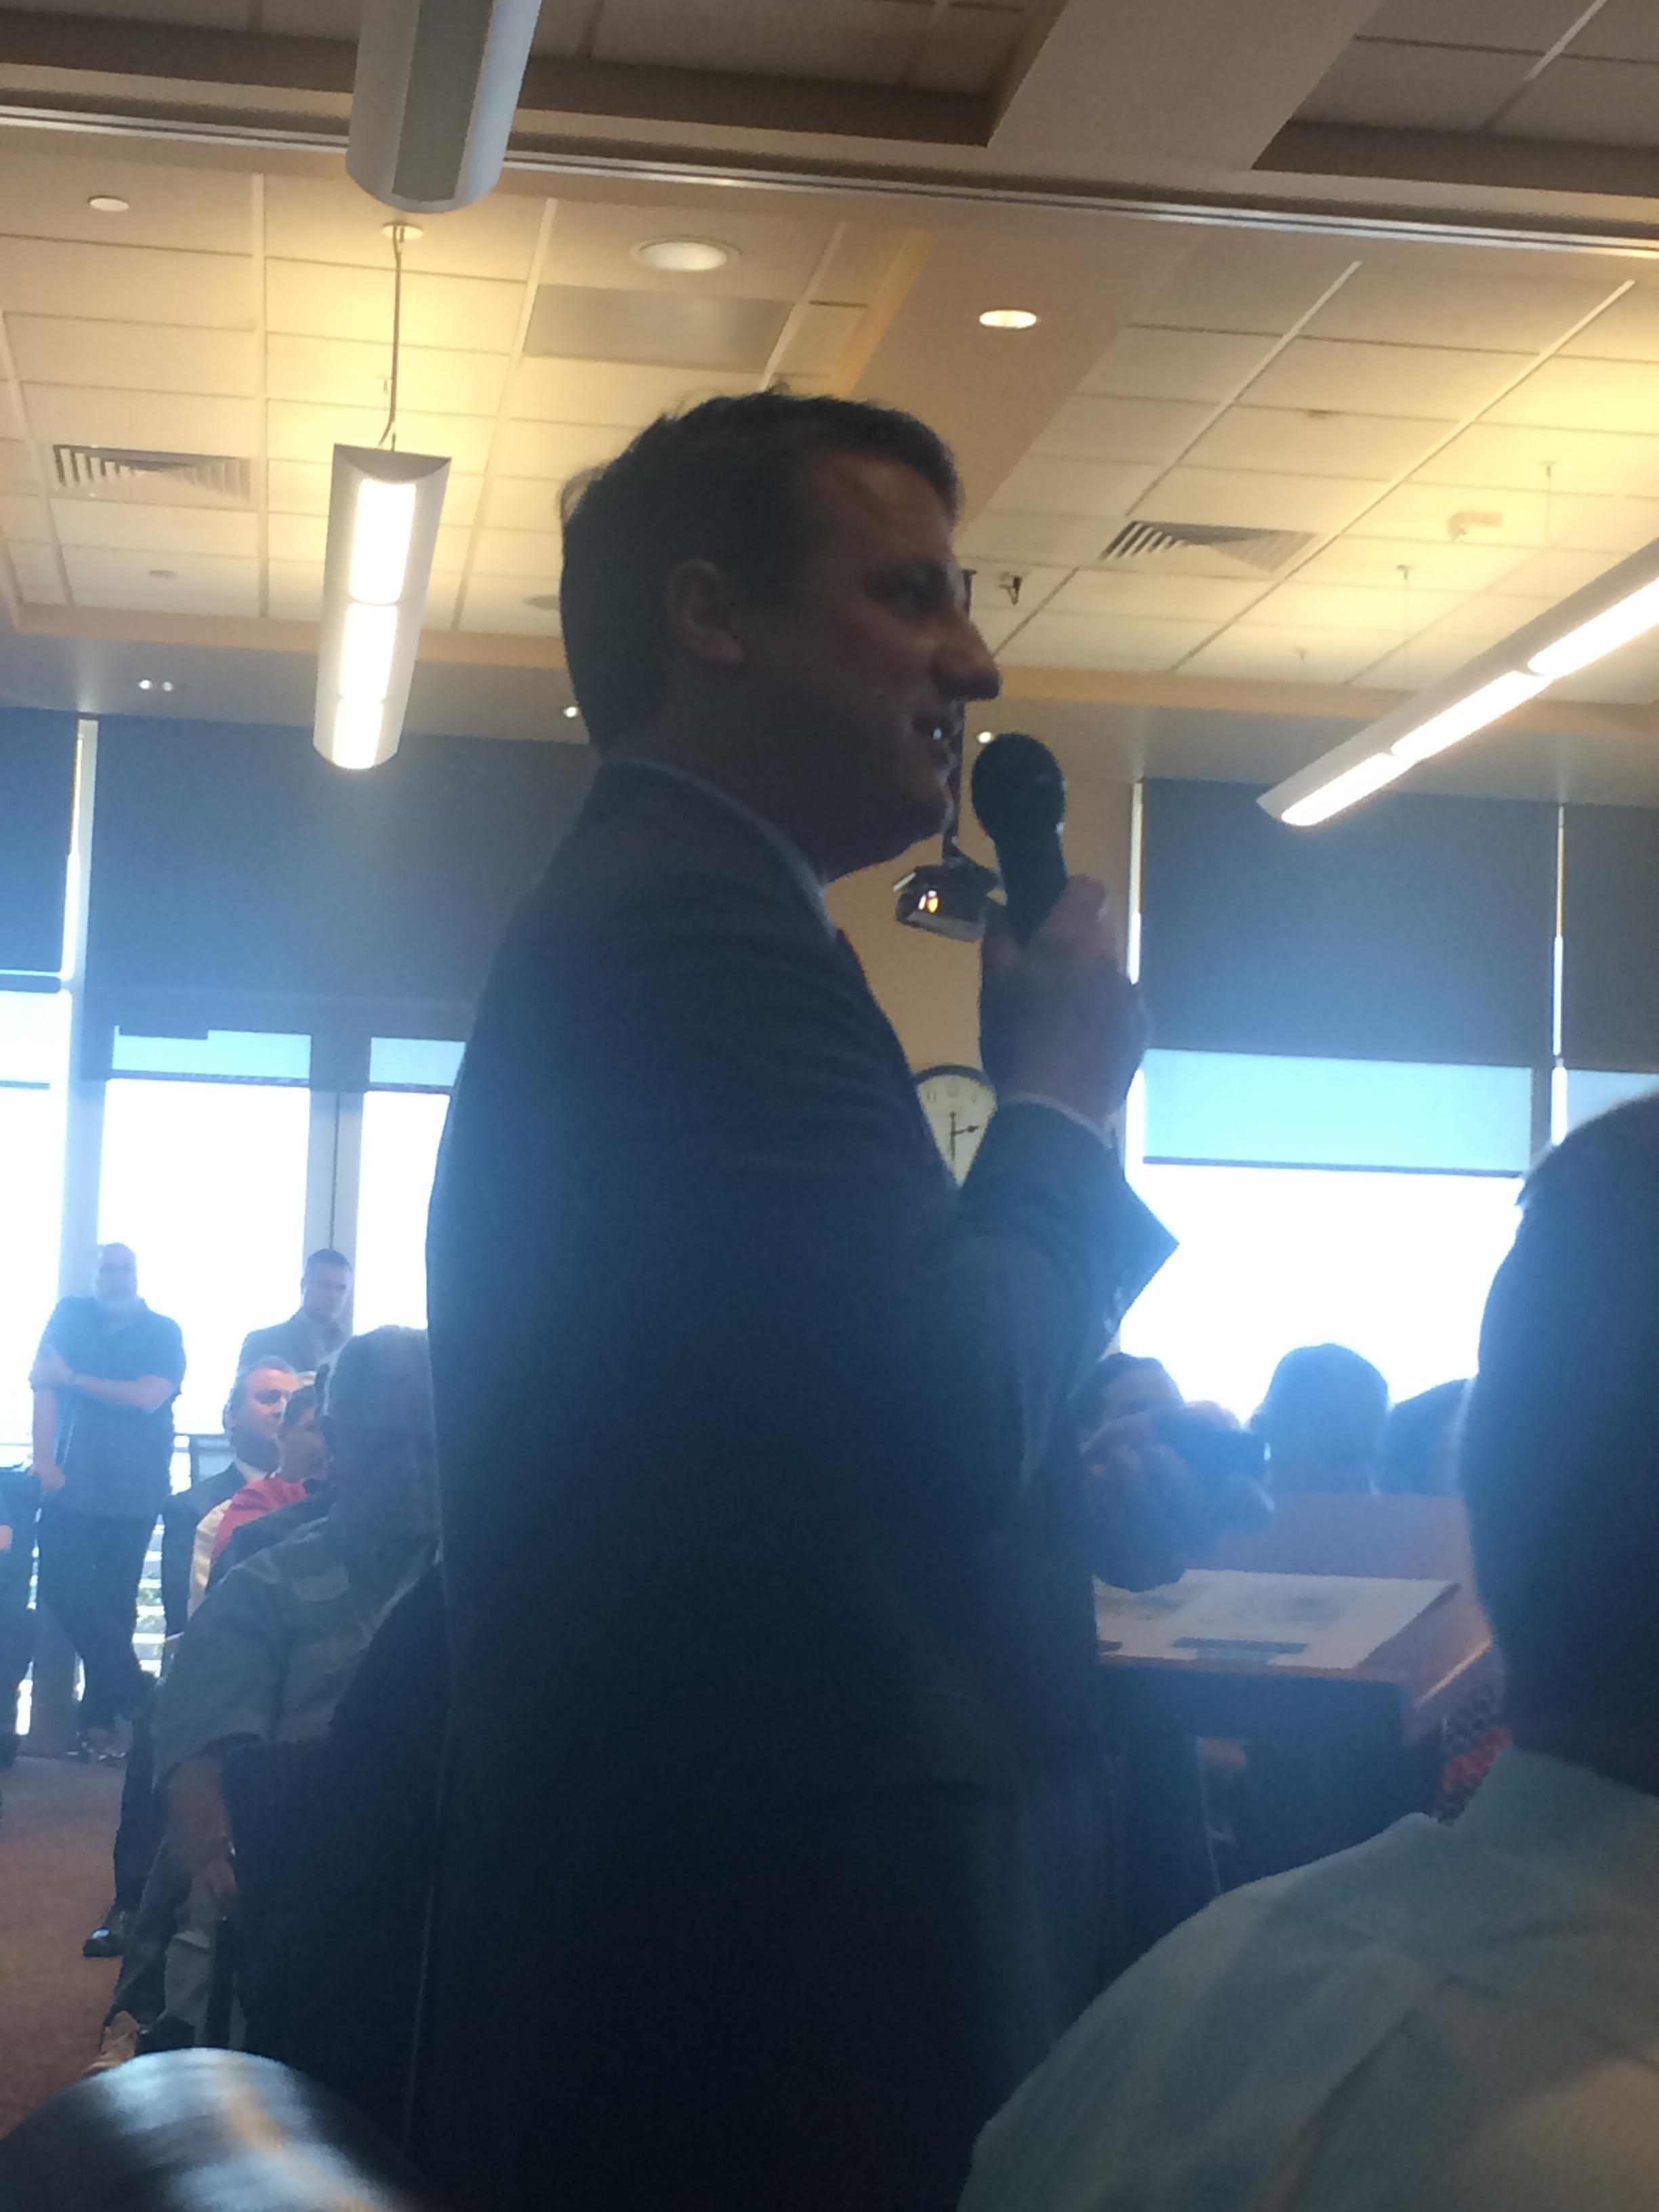 Bech Bruun, Chairman, Texas Water Development Board